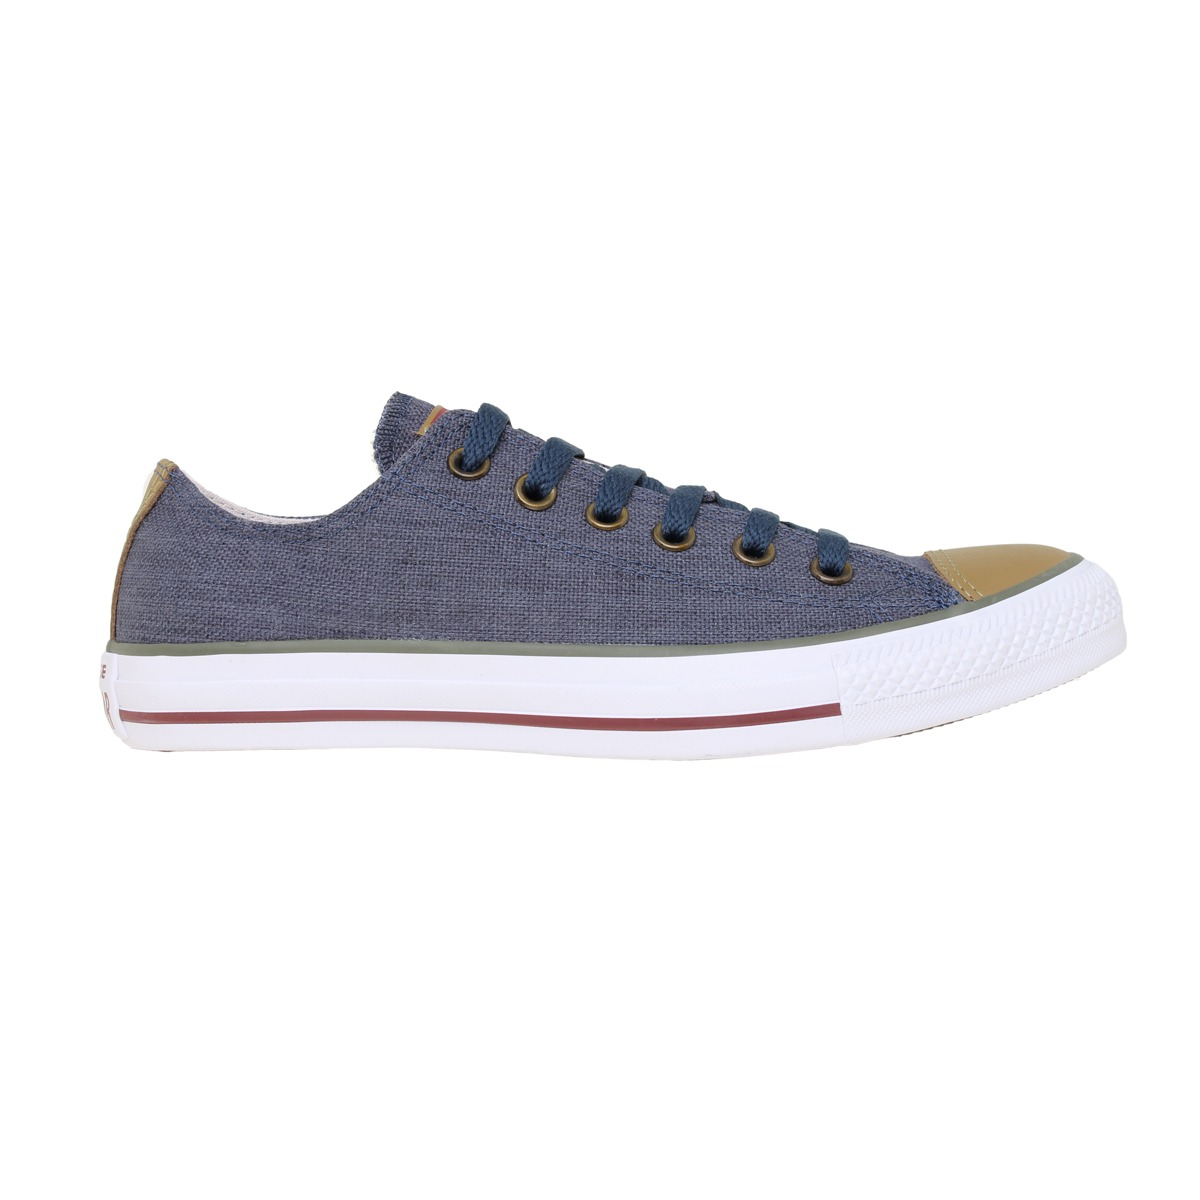 zapatillas converse moda chuck taylor all star linen ox az. Cargando zoom. c08a173ab605e